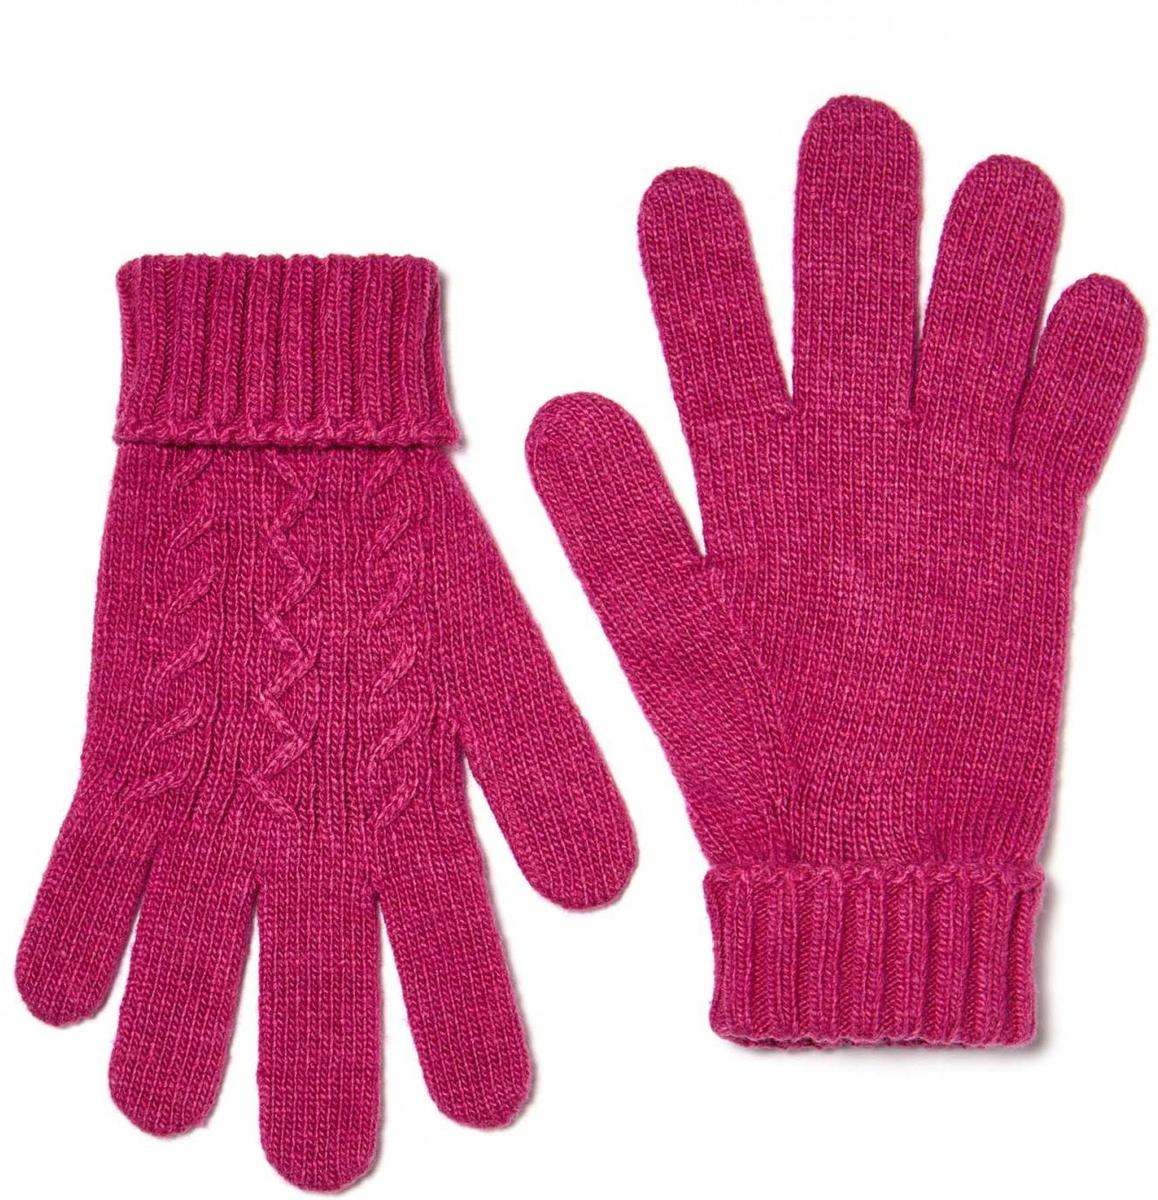 Перчатки для девочки United Colors of Benetton, цвет: розовый. 1232C0186_74Y. Размер 51232C0186_74YВязаные перчатки для девочки идеально подойдут вашей моднице для прогулок в прохладное время года. Изготовленные из нити смешанного состава, они мягкие и приятные на ощупь, позволяют коже дышать, не раздражают нежную кожу ребенка, обеспечивая наибольший комфорт, хорошо сохраняют тепло. Перчатки дополнены широкими манжетами, не стягивающими запястья и надежно фиксирующими их на руках.Такие комфортные перчатки позволят ребенку долго находиться на прогулке. Незаменимая вещь в холодную погоду!